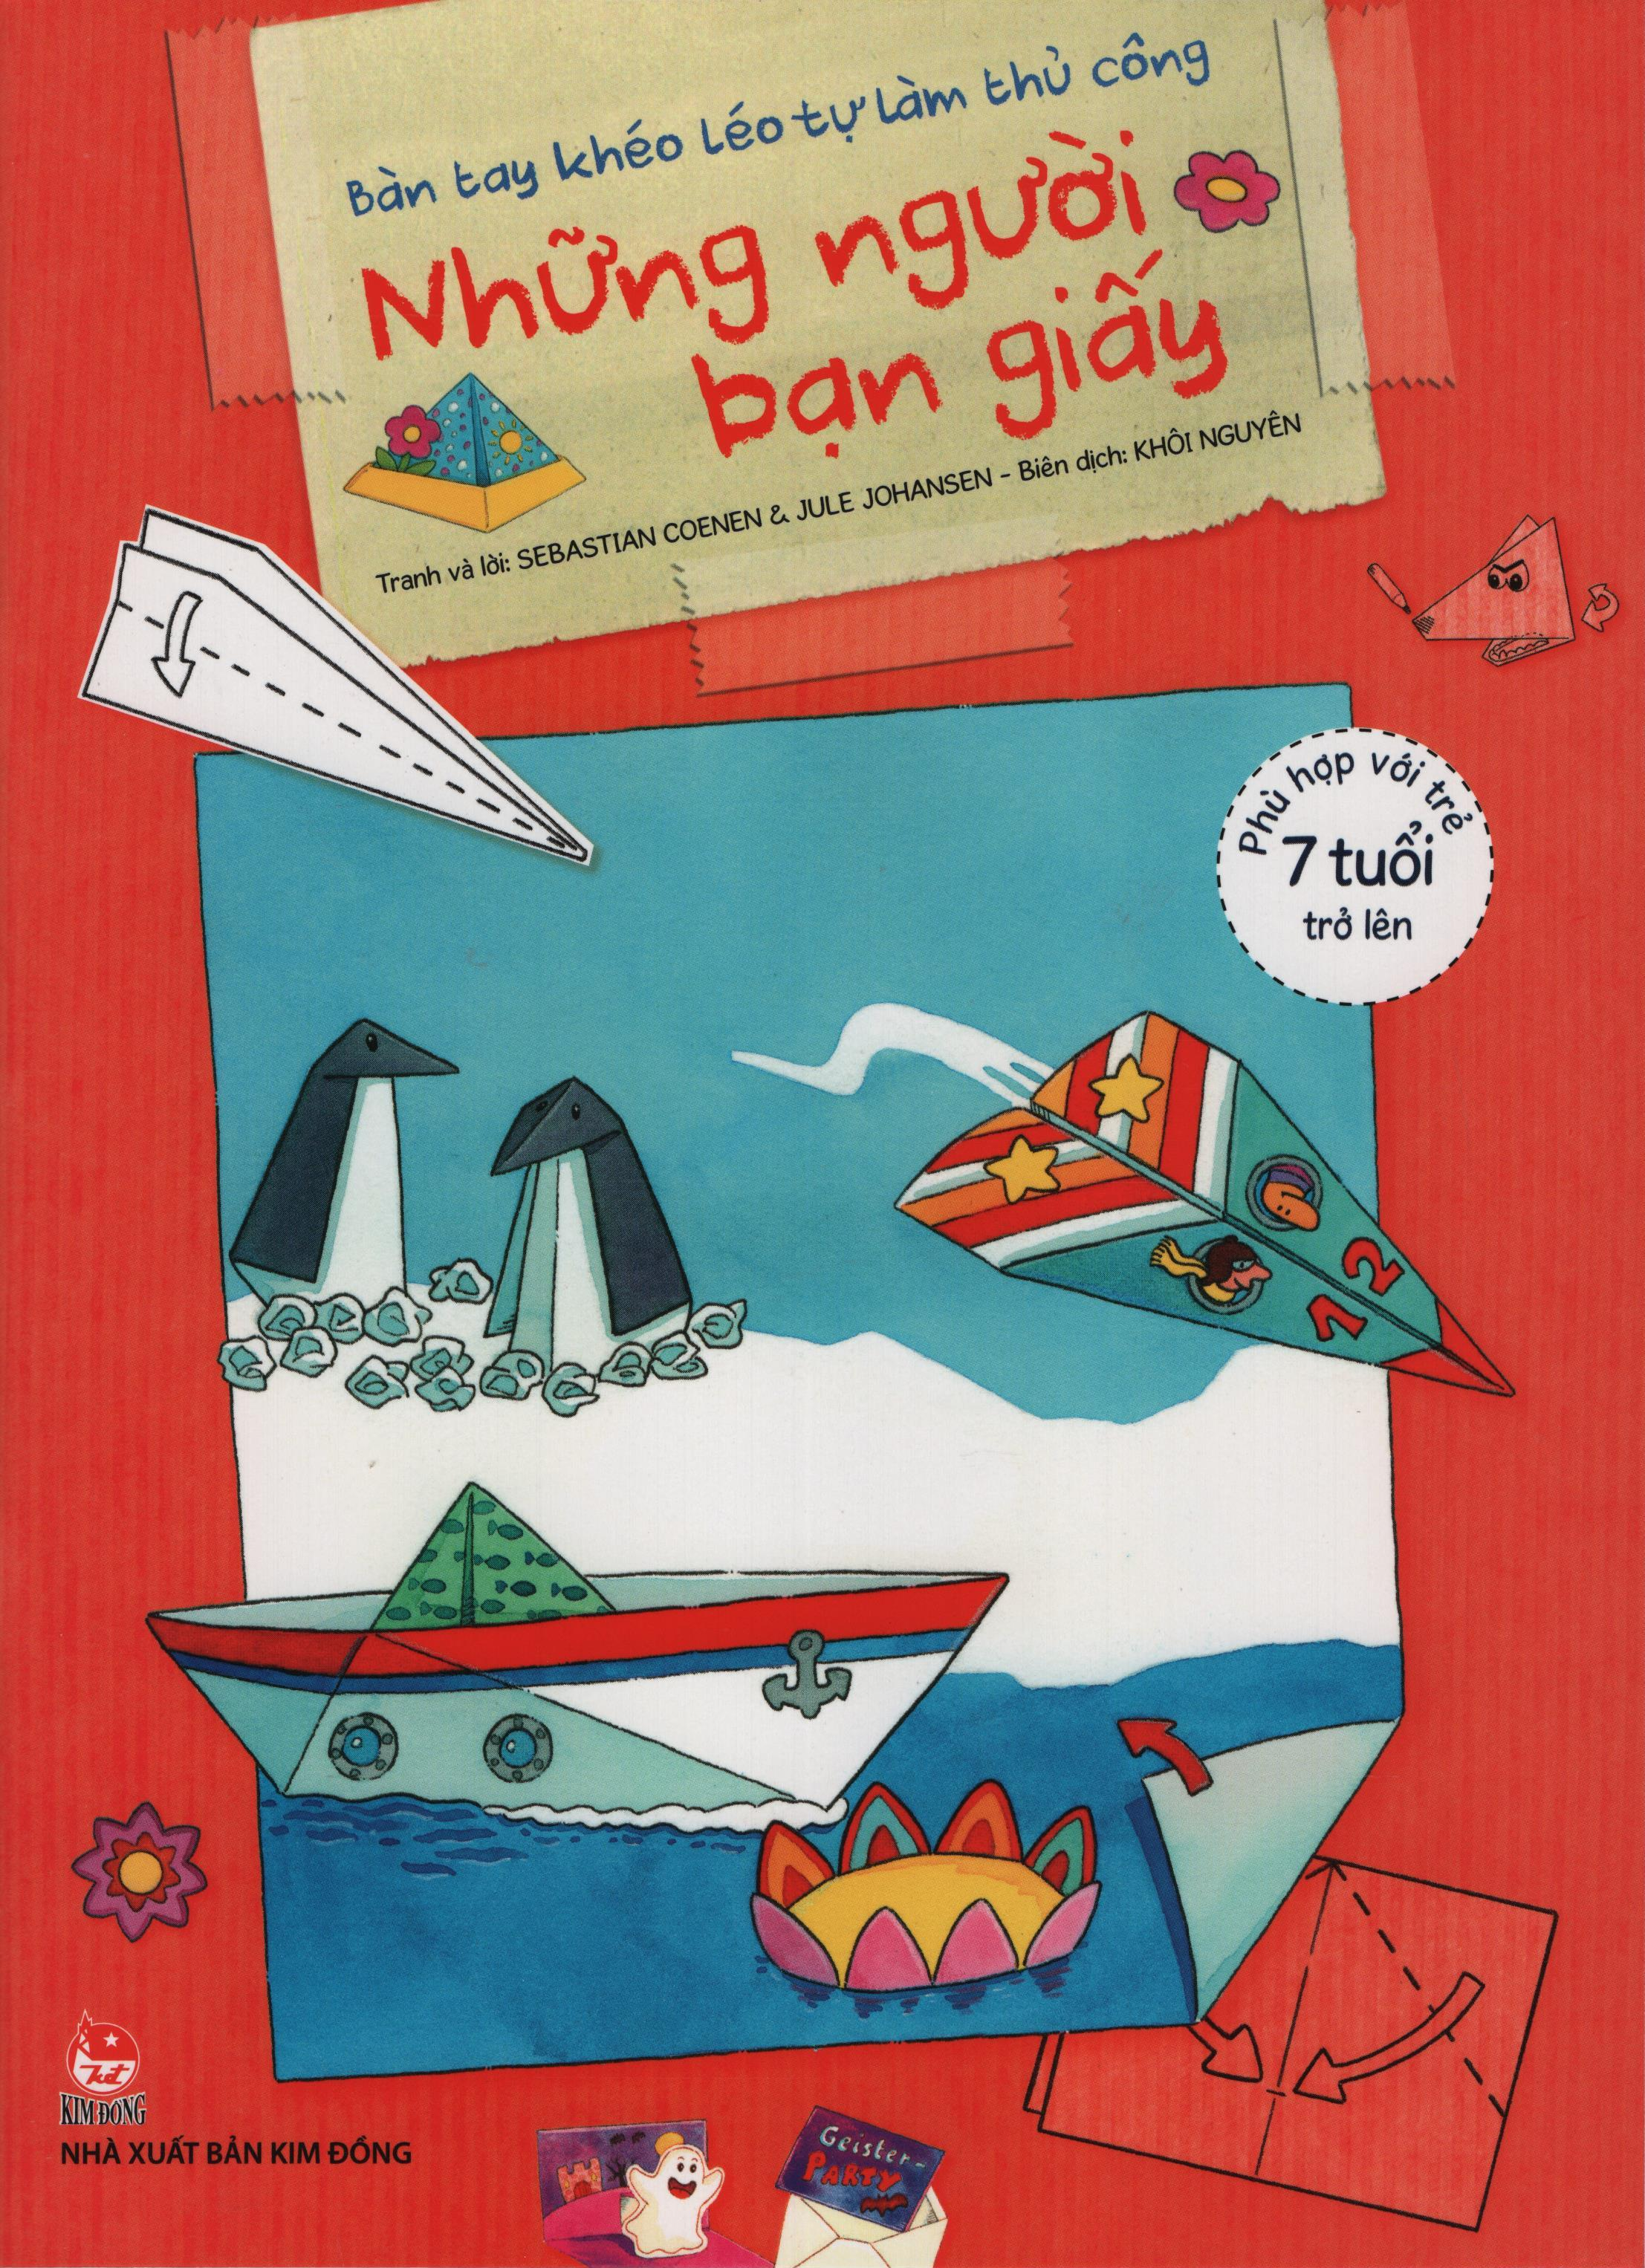 Bìa sách Bàn Tay Khéo Léo Tự Làm Thủ Công - Những Người Bạn Giấy